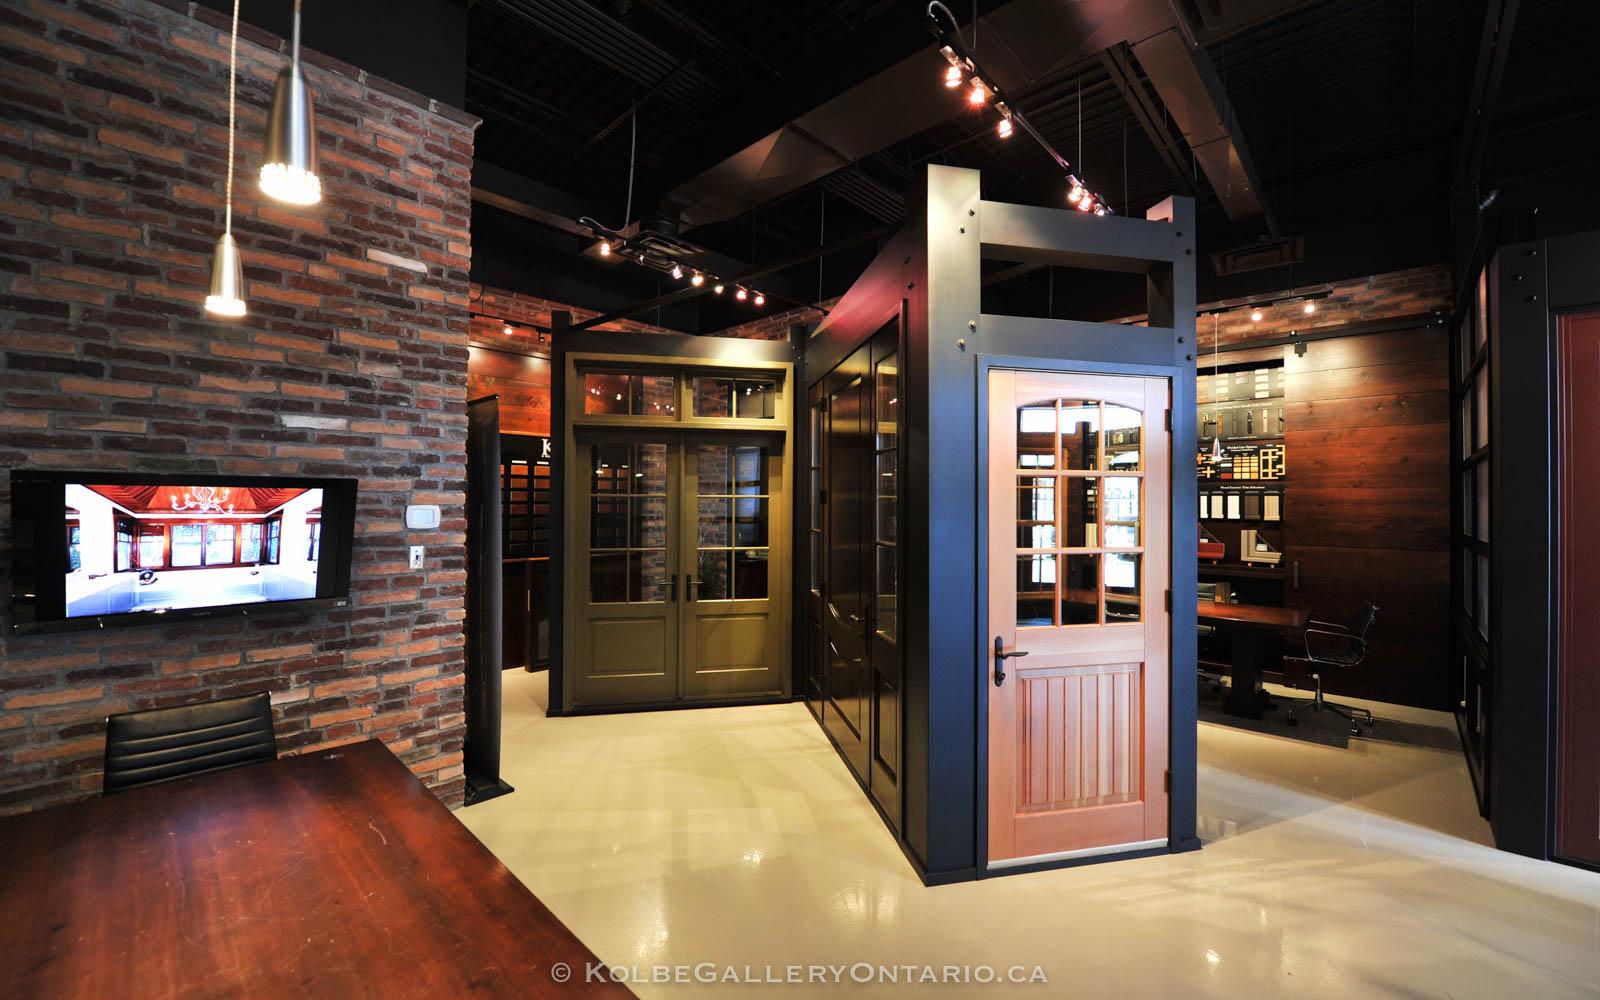 KolbeGalleryOntario.ca-windows-and-doors-Oakville-showroom-20120510-102614